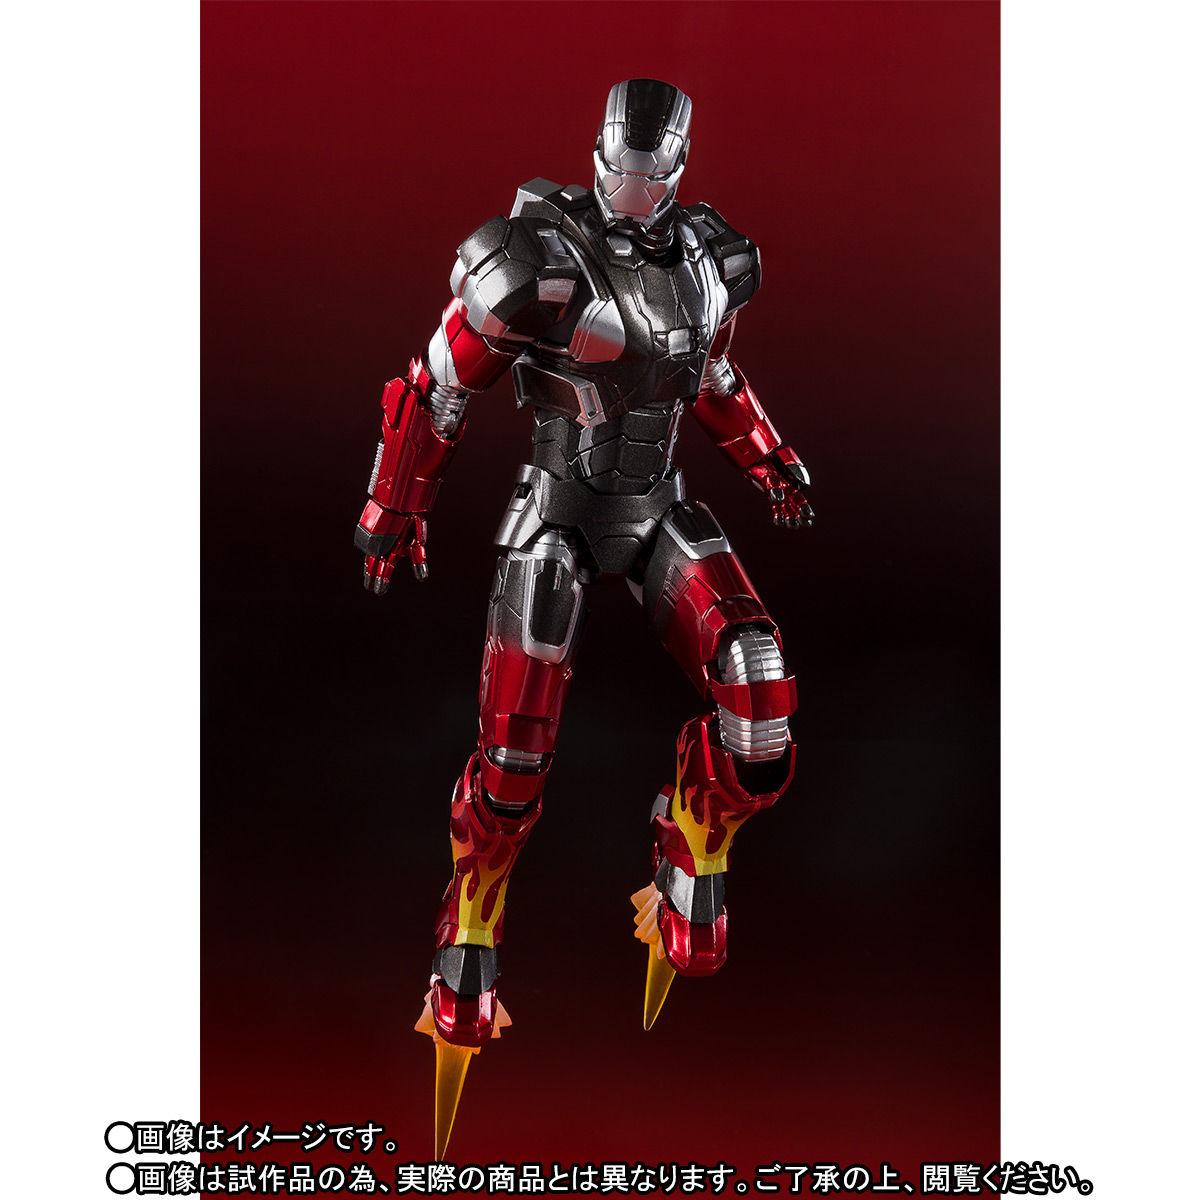 S.H.フィギュアーツ『アイアンマン マーク22 ホットロッド』アイアンマン3 可動フィギュア-003